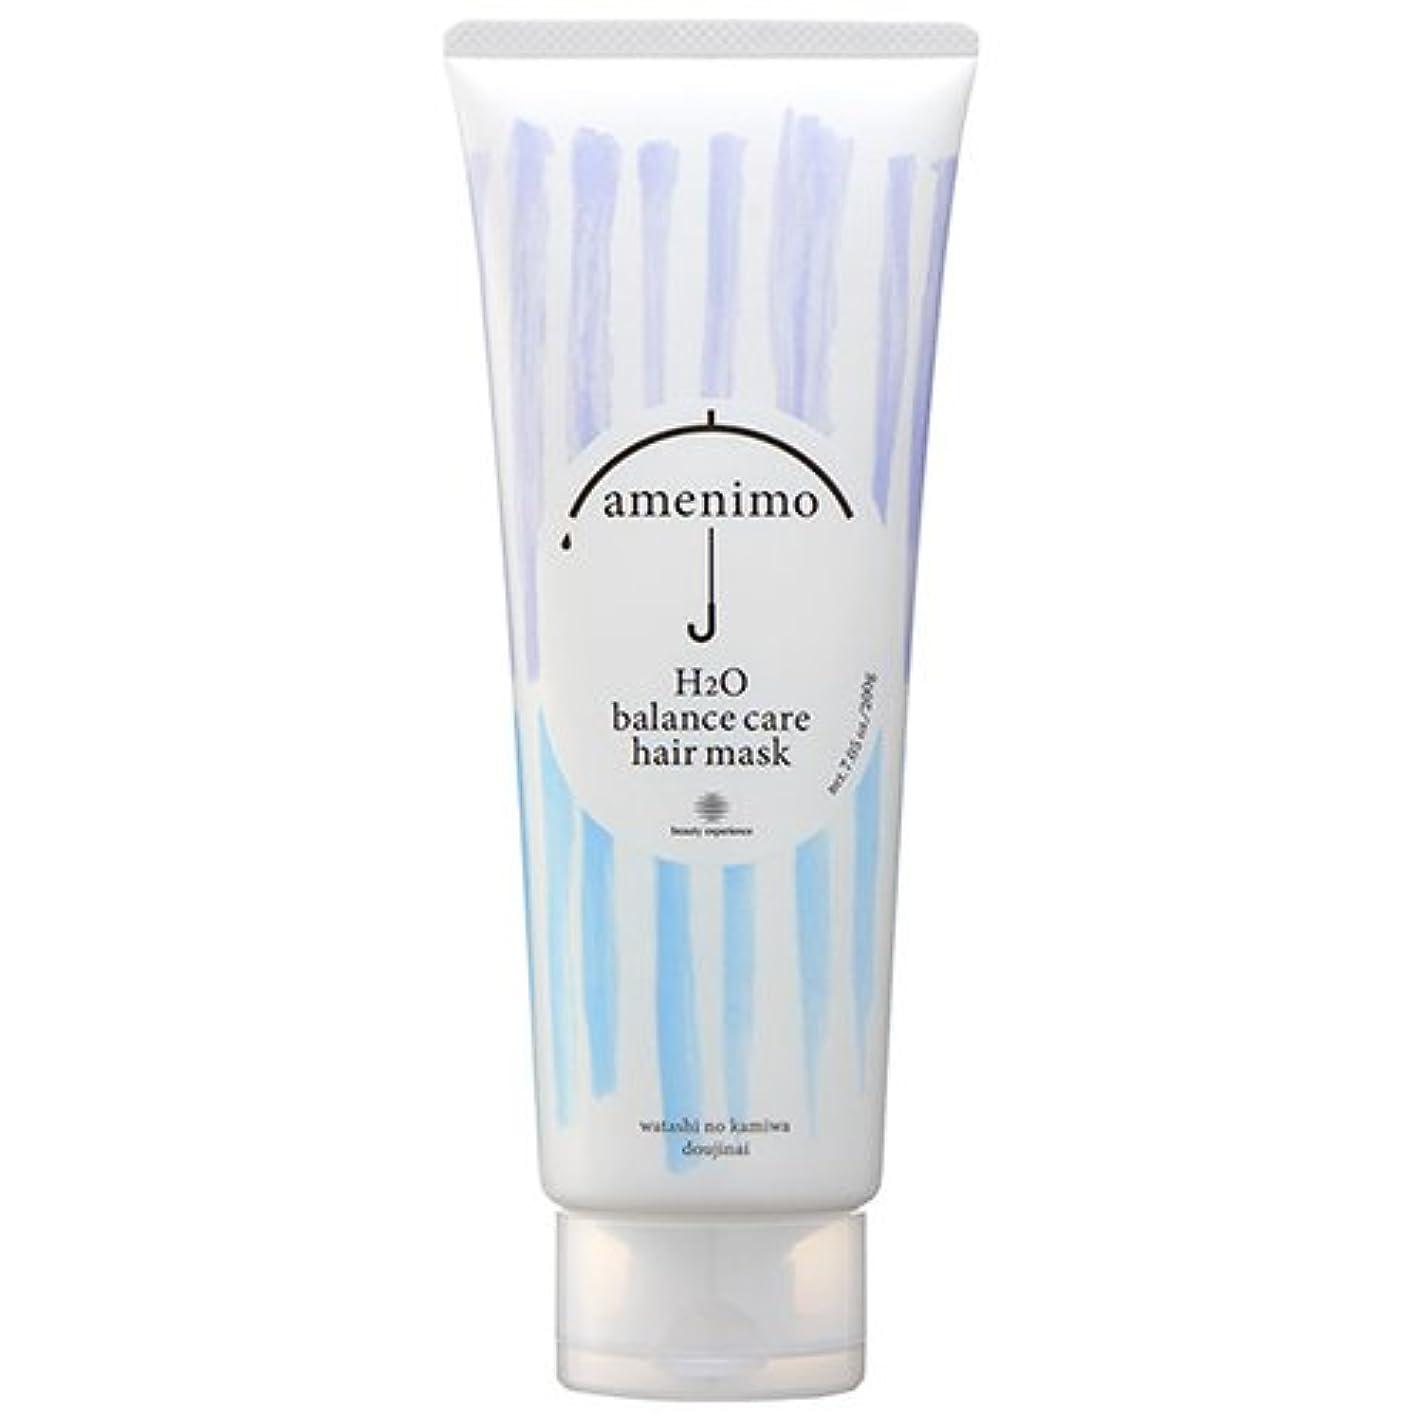 環境多年生一般amenimo(アメニモ) H2O バランスケア ヘアマスク 200g